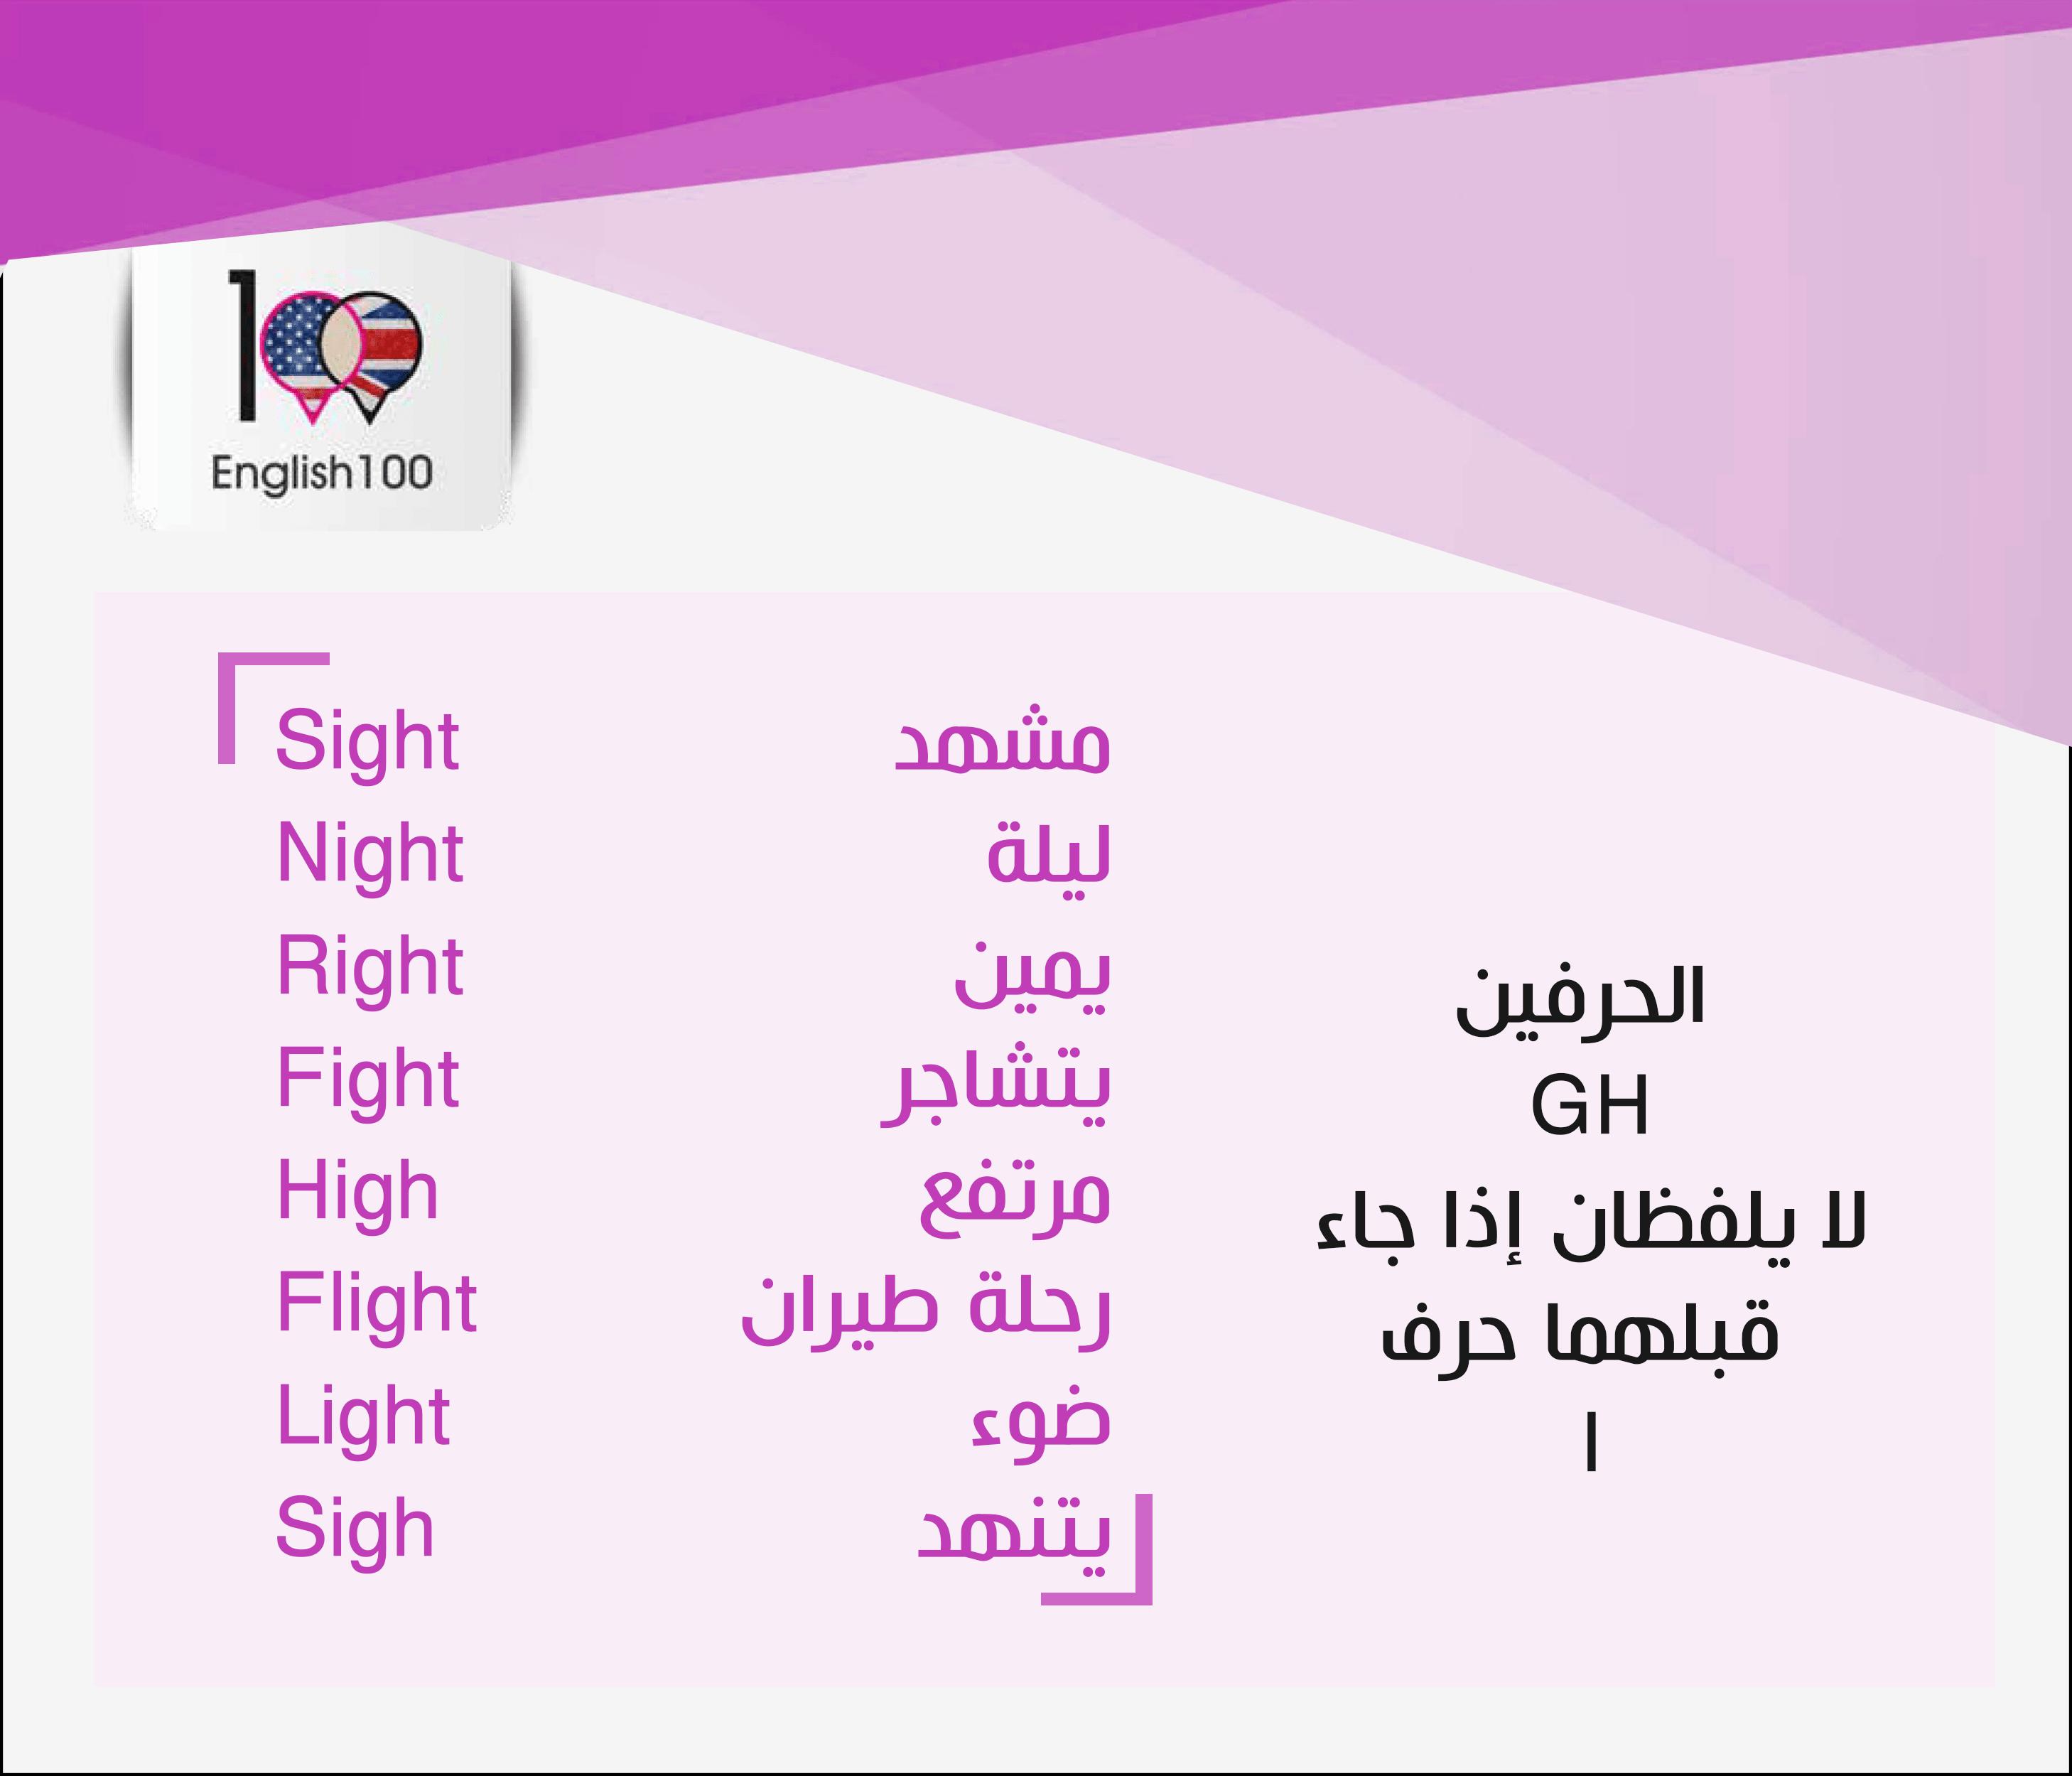 مفردات انجليزية متشابهة باللفظ